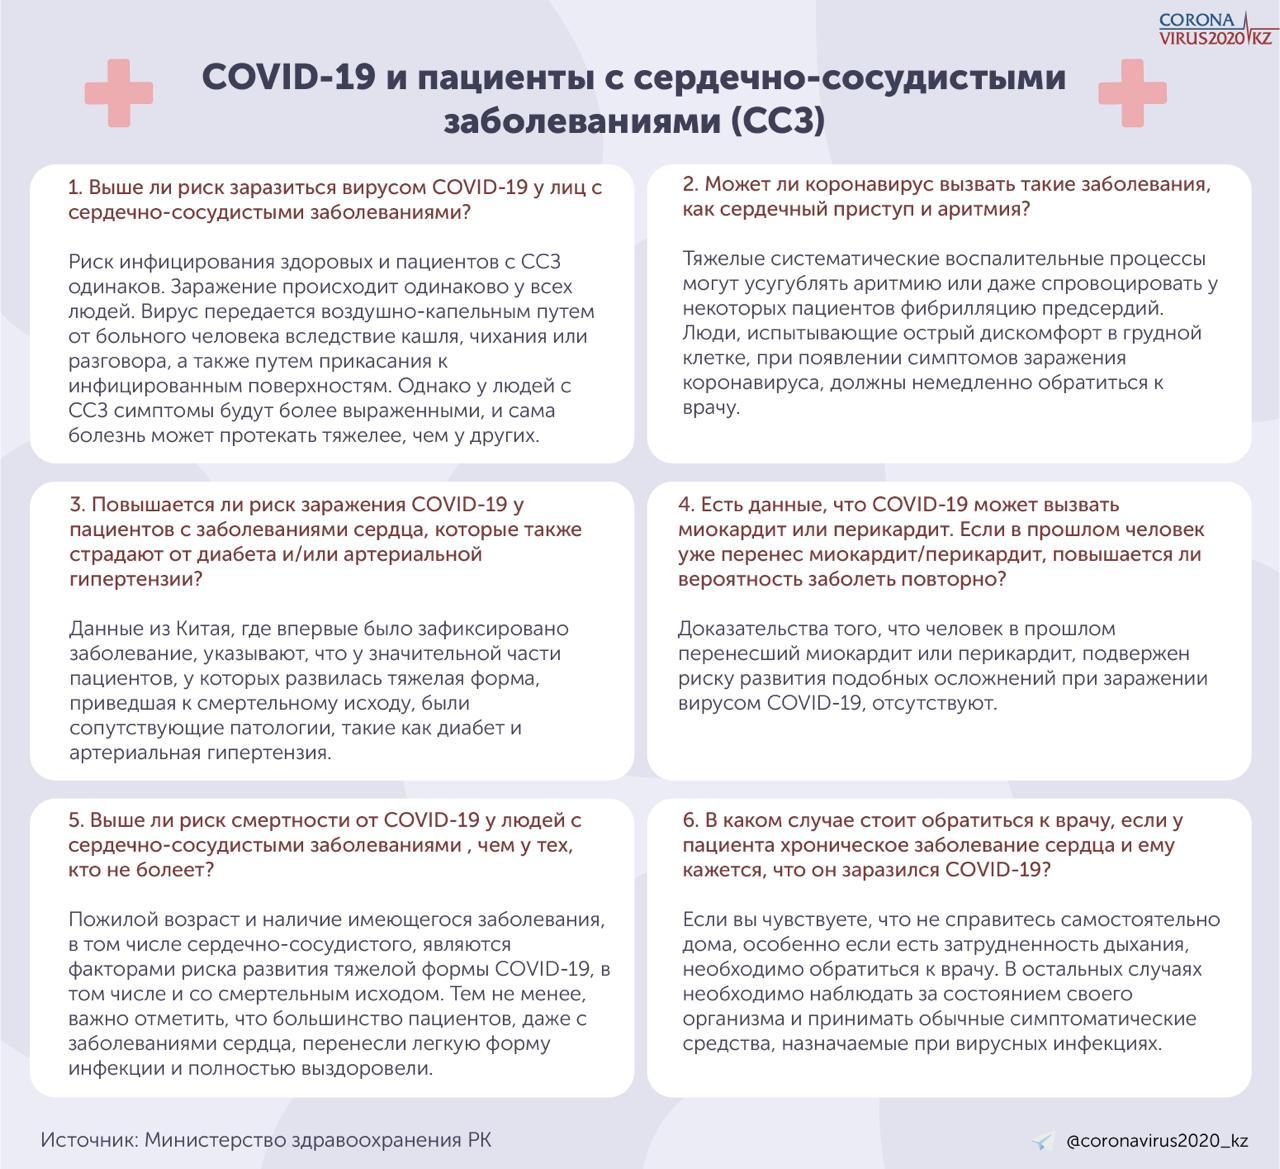 COVID-19 и пациенты с сердечно-сосудистыми заболеваниями